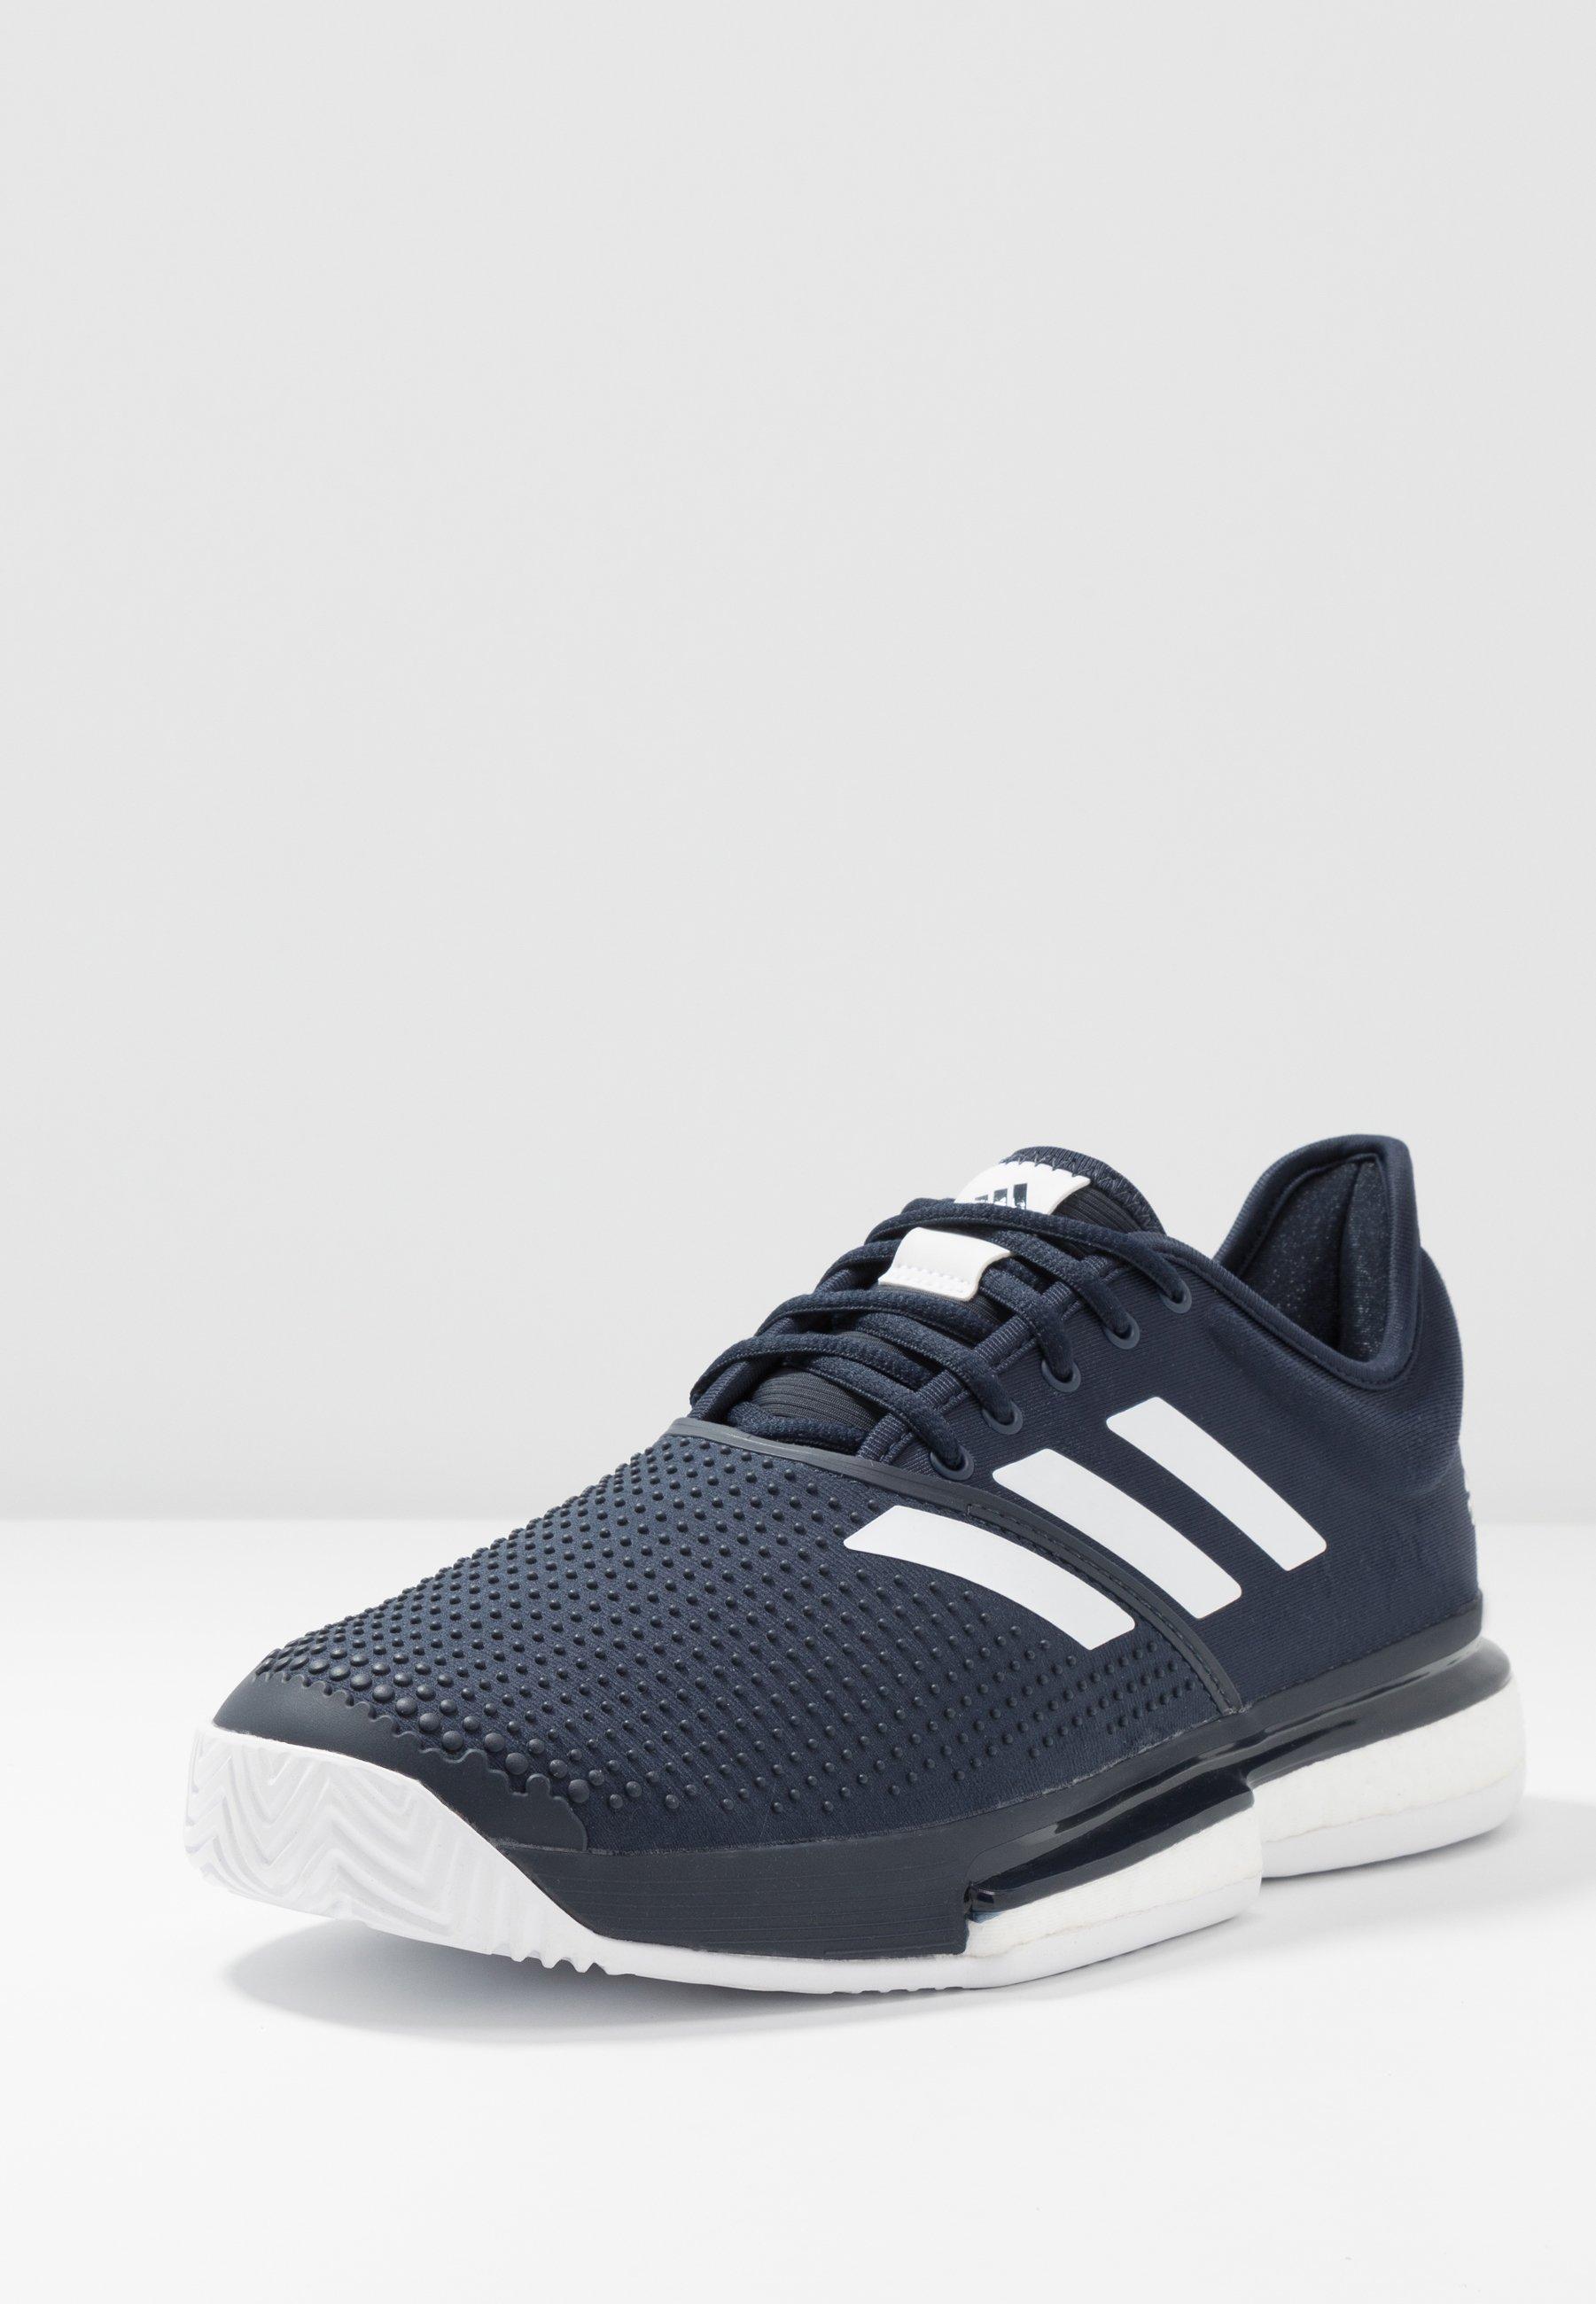 Precio Asombroso Calzado de hombre adidas Performance SOLECOURT BOOST Zapatillas de tenis para tierra batida legend ink/footwear white AUywAE